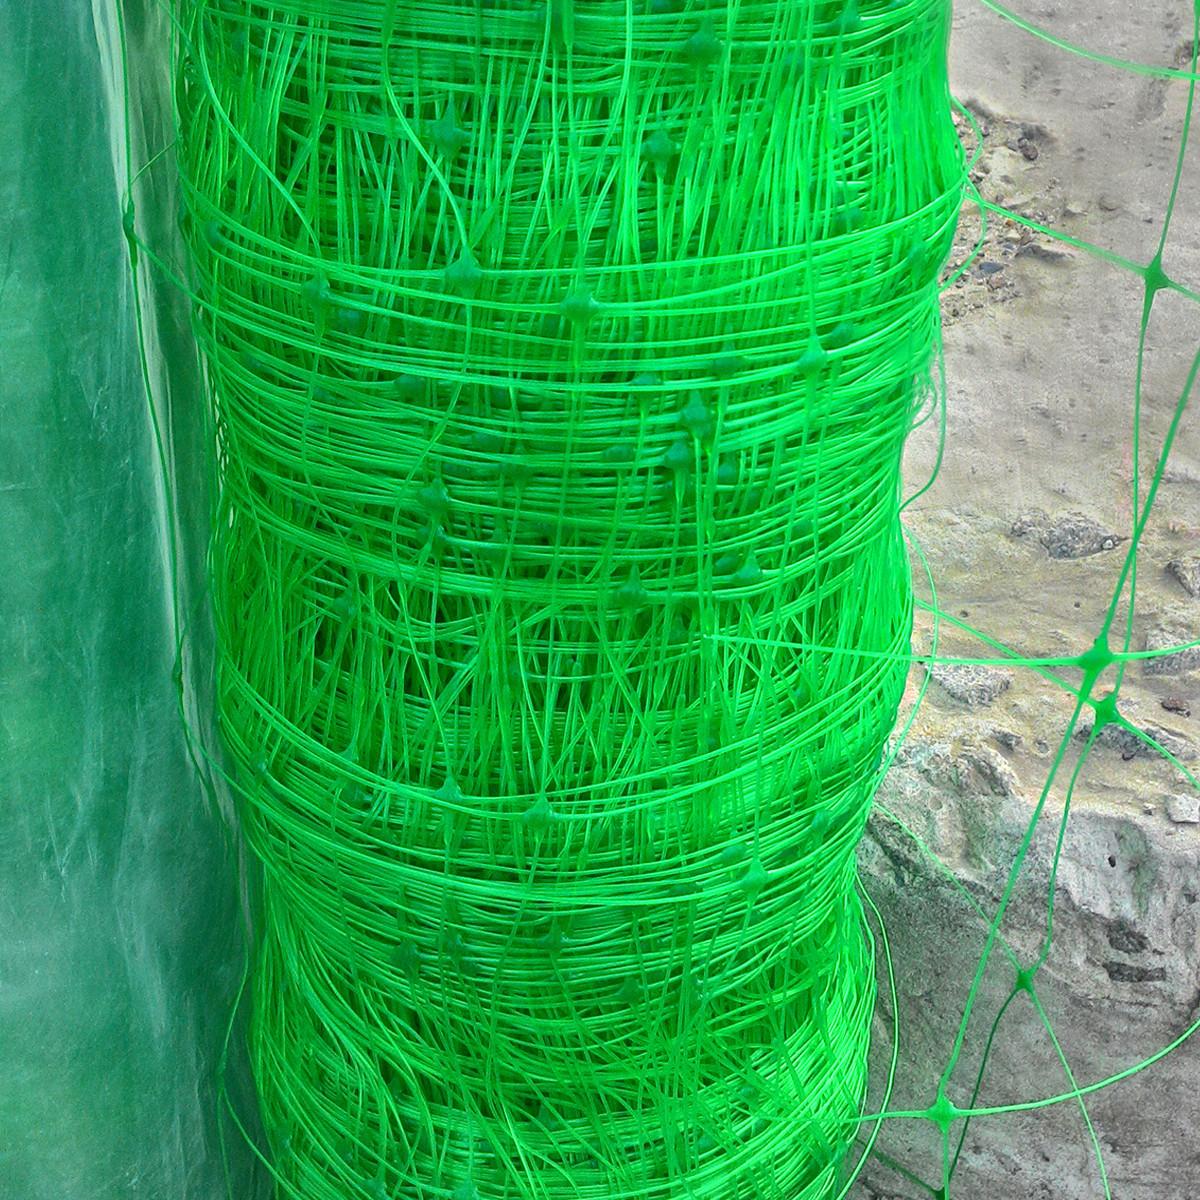 Венгерская сетка для огурцов, помидор, цветов, растений, шпалерная сетка 1,7м 20 м ячейка 15х17